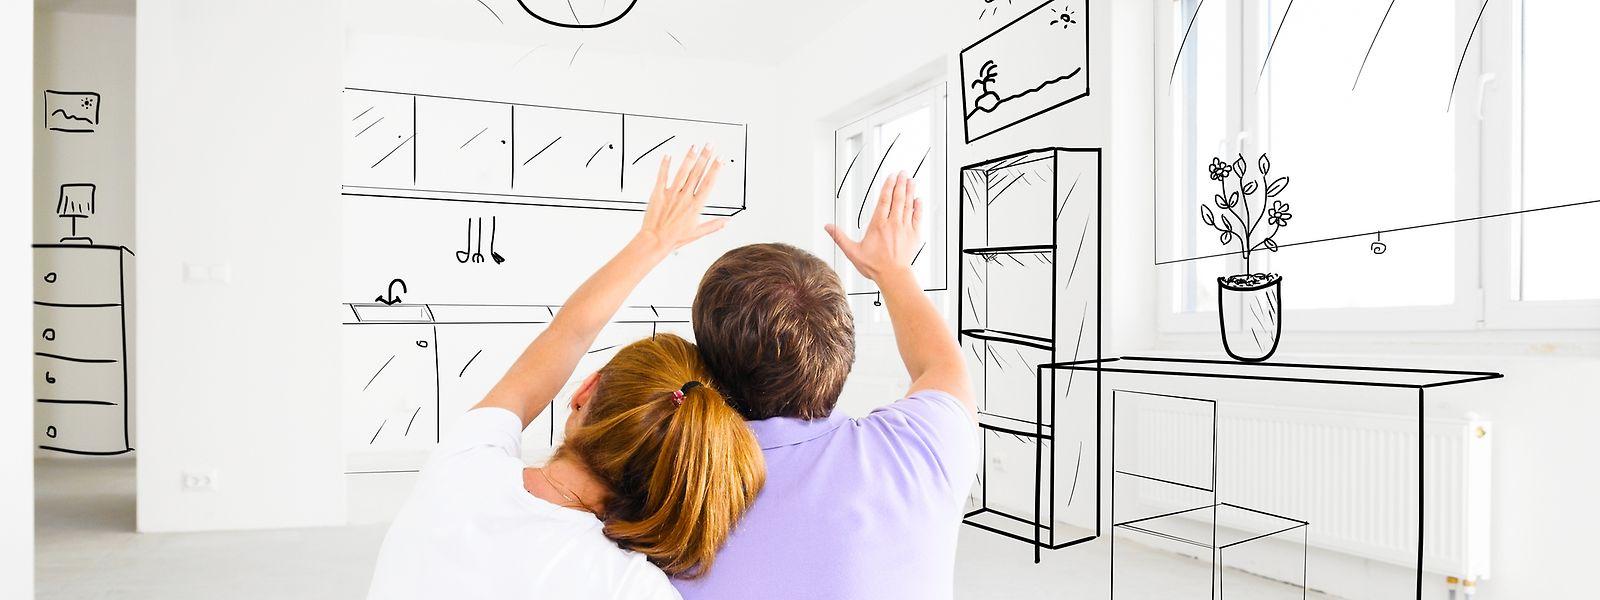 """Les """"outils"""" du LISER et du Statec permettront de se faire une meilleure idée du prix des appartements, terrains ou maisons avant d'acheter"""